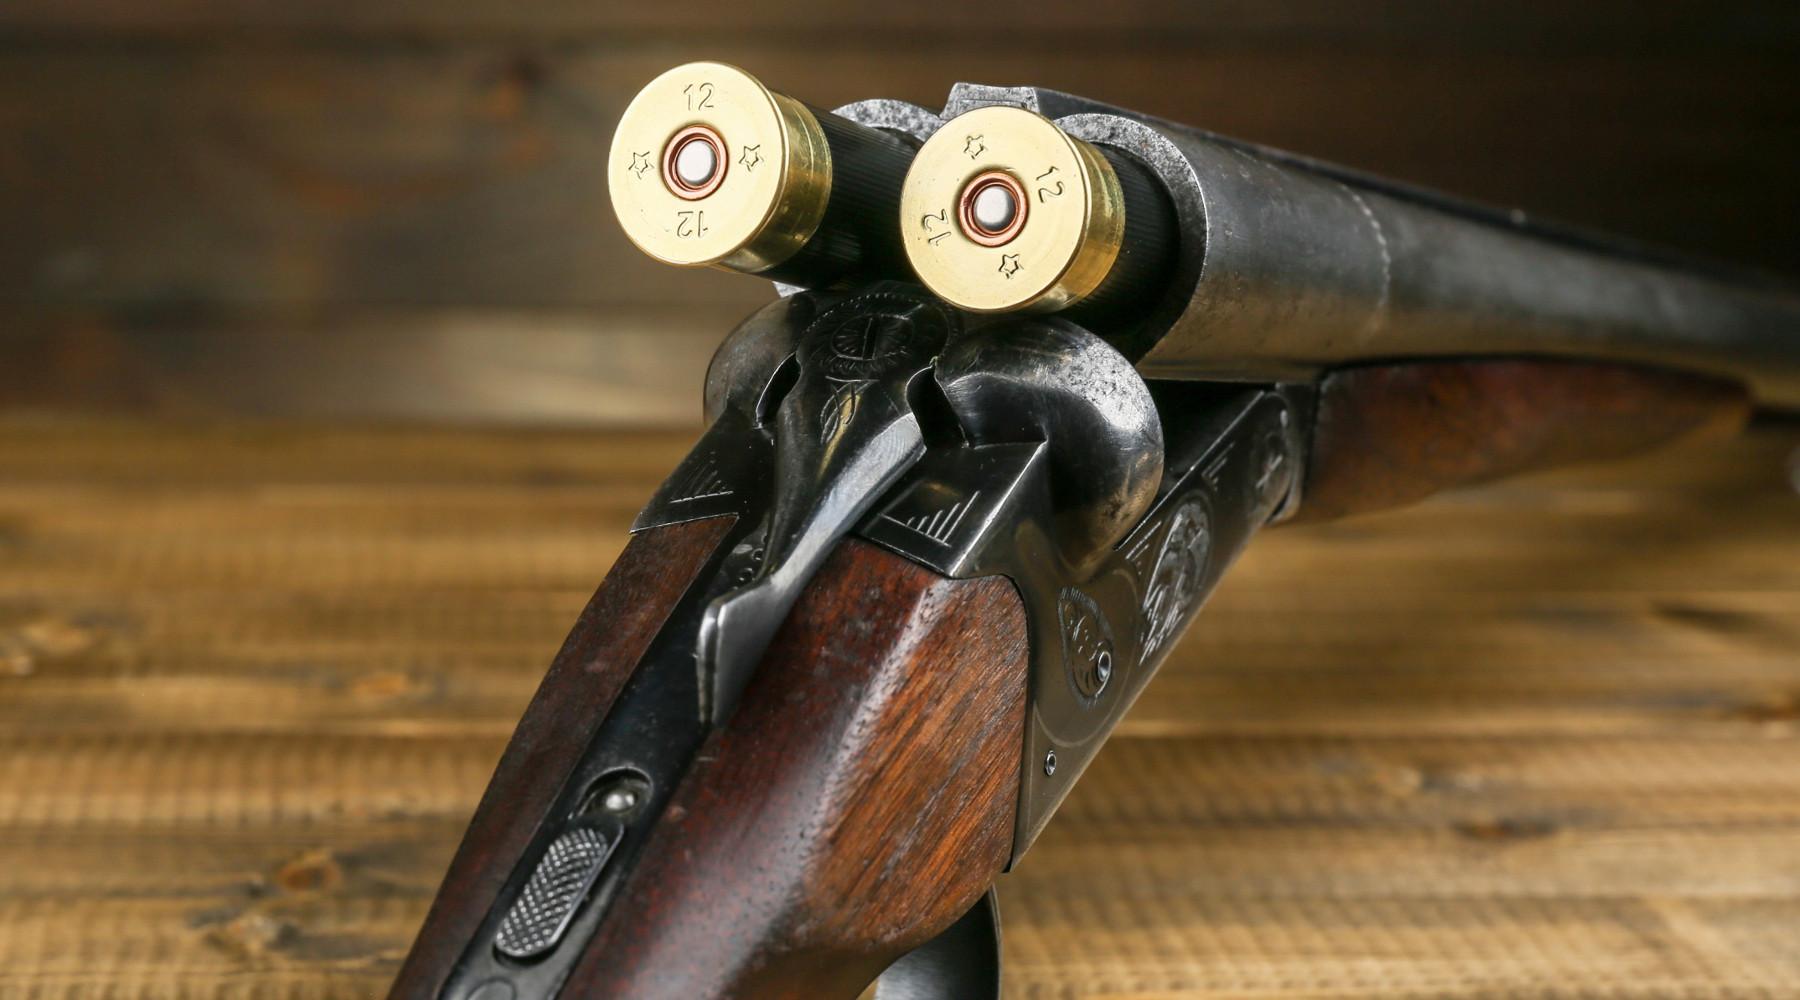 munizioni in piombo inserite in doppietta calibro 12